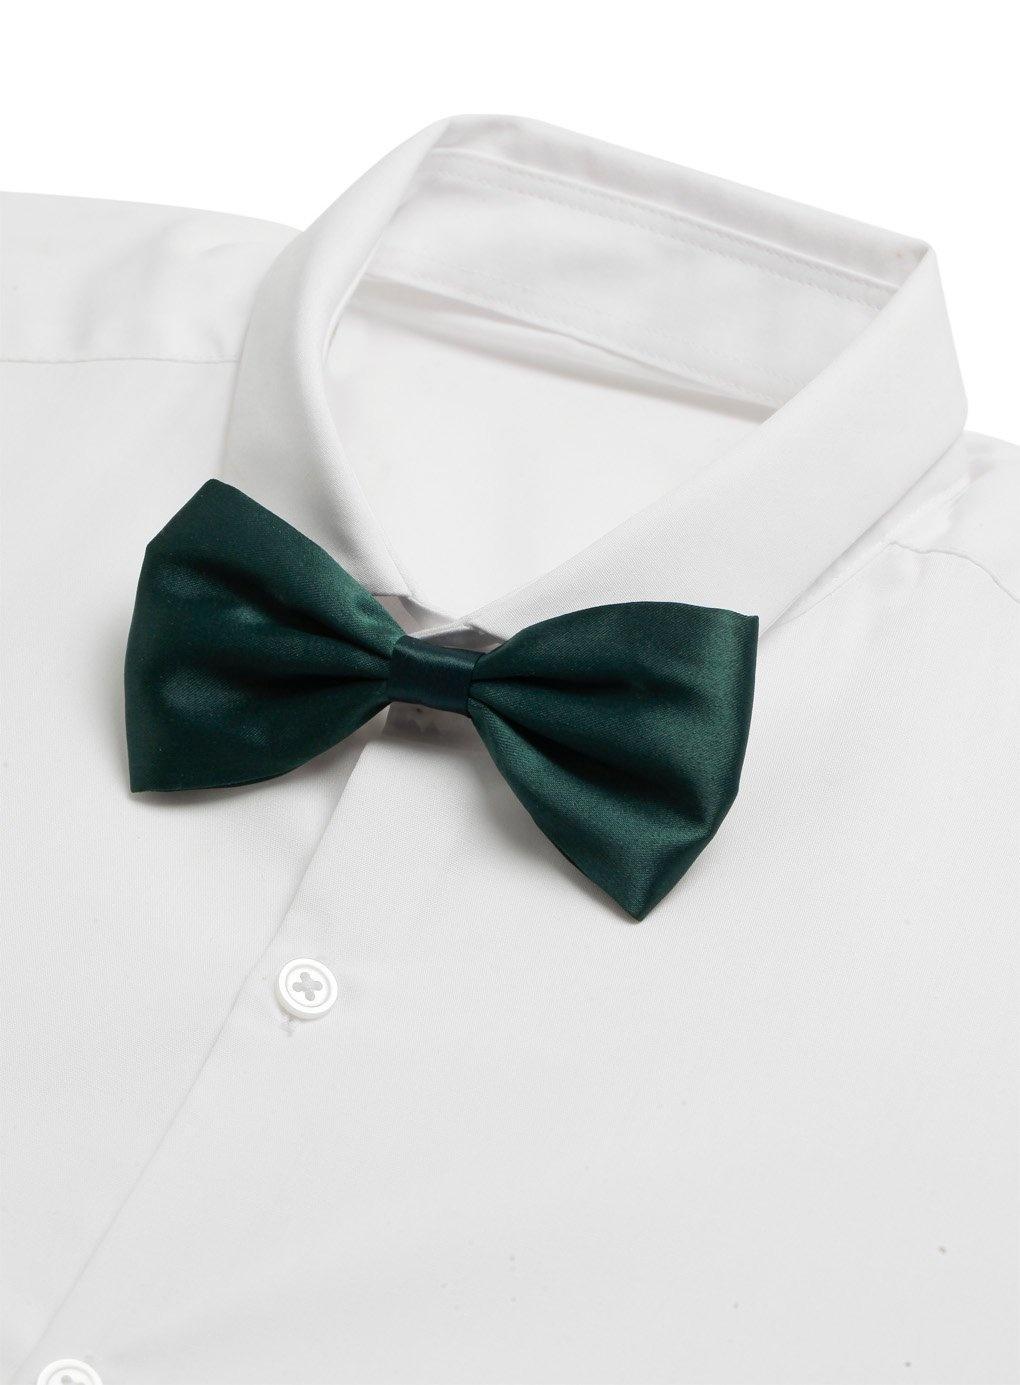 9f7b2ff4292e Lyst - TOPMAN Bow Tie in Green for Men